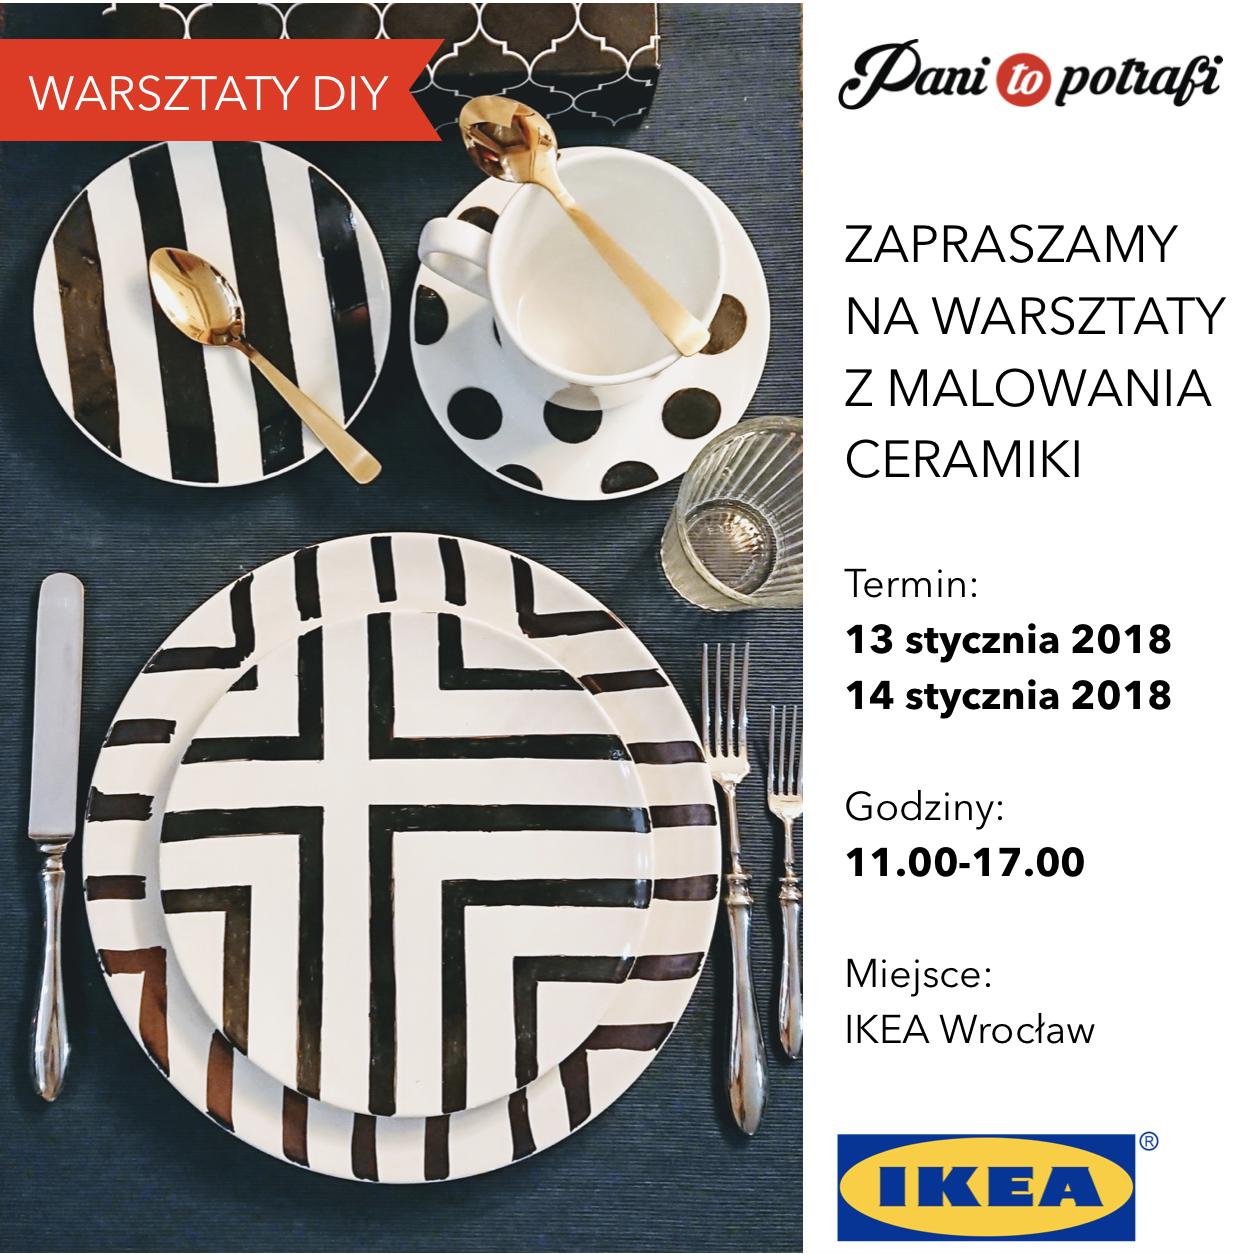 WARSZTATY W IKEA!